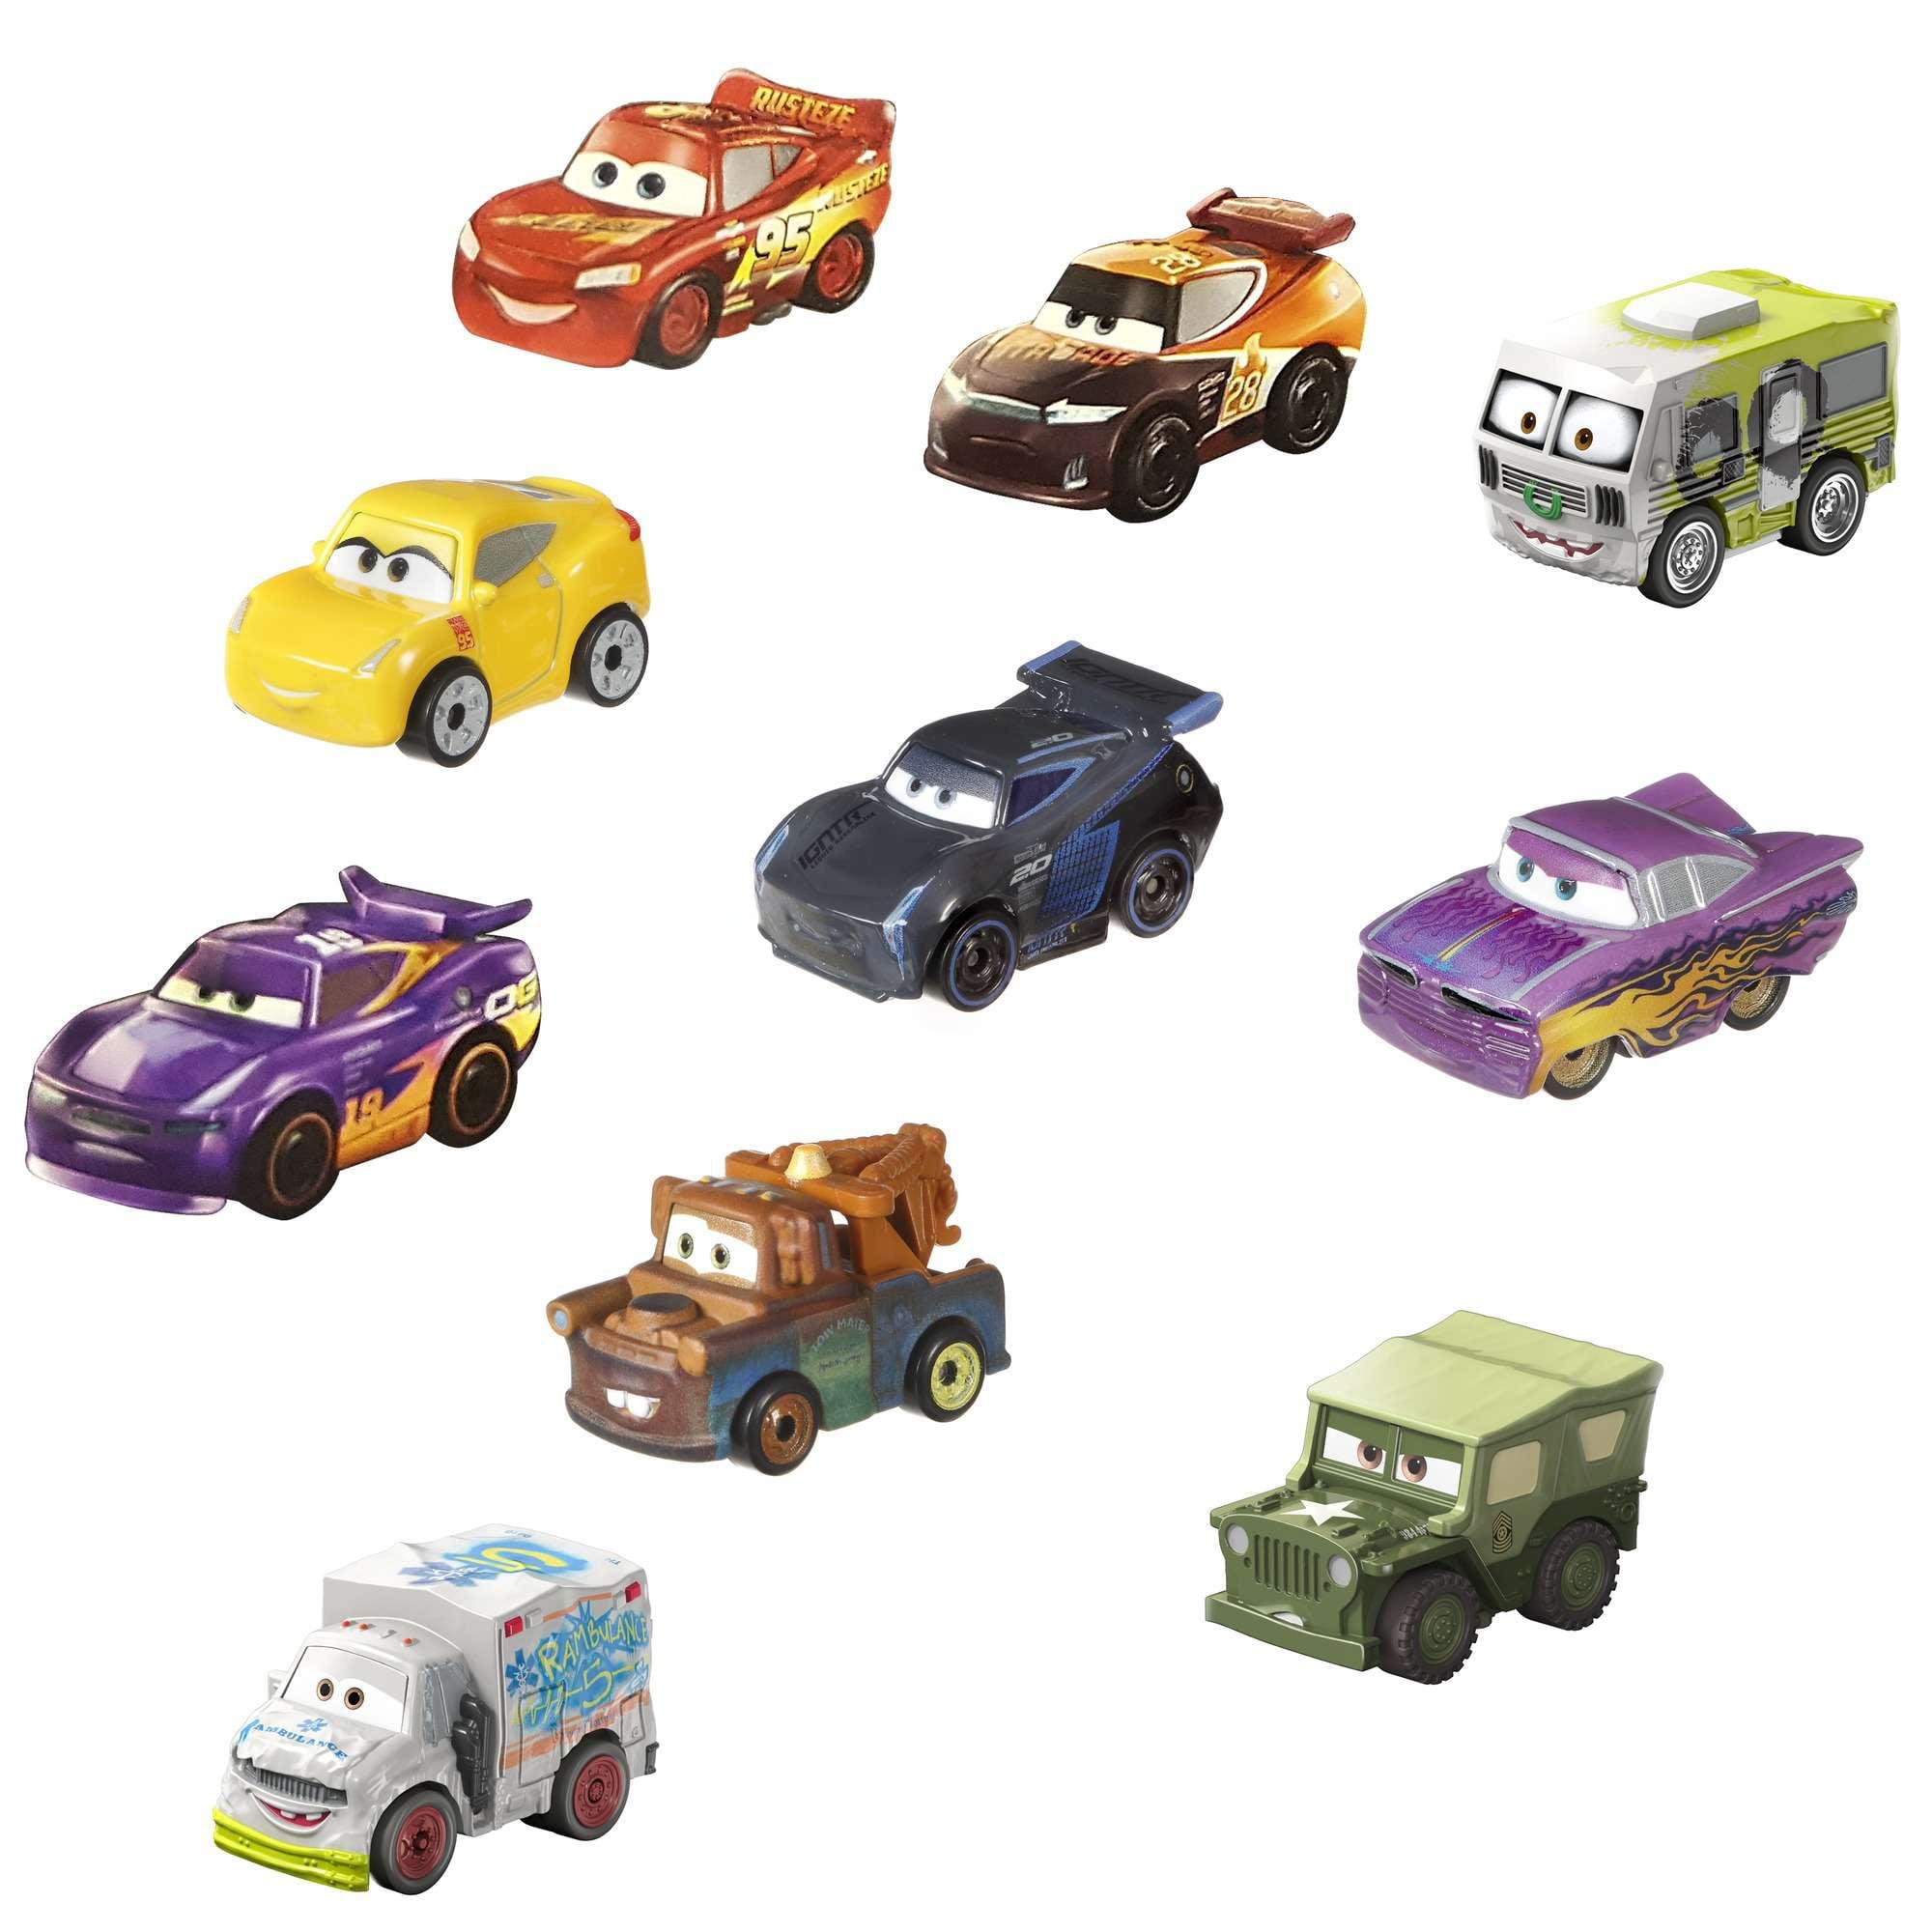 Disney/Pixar Cars Mini Racers 10-Pack #1